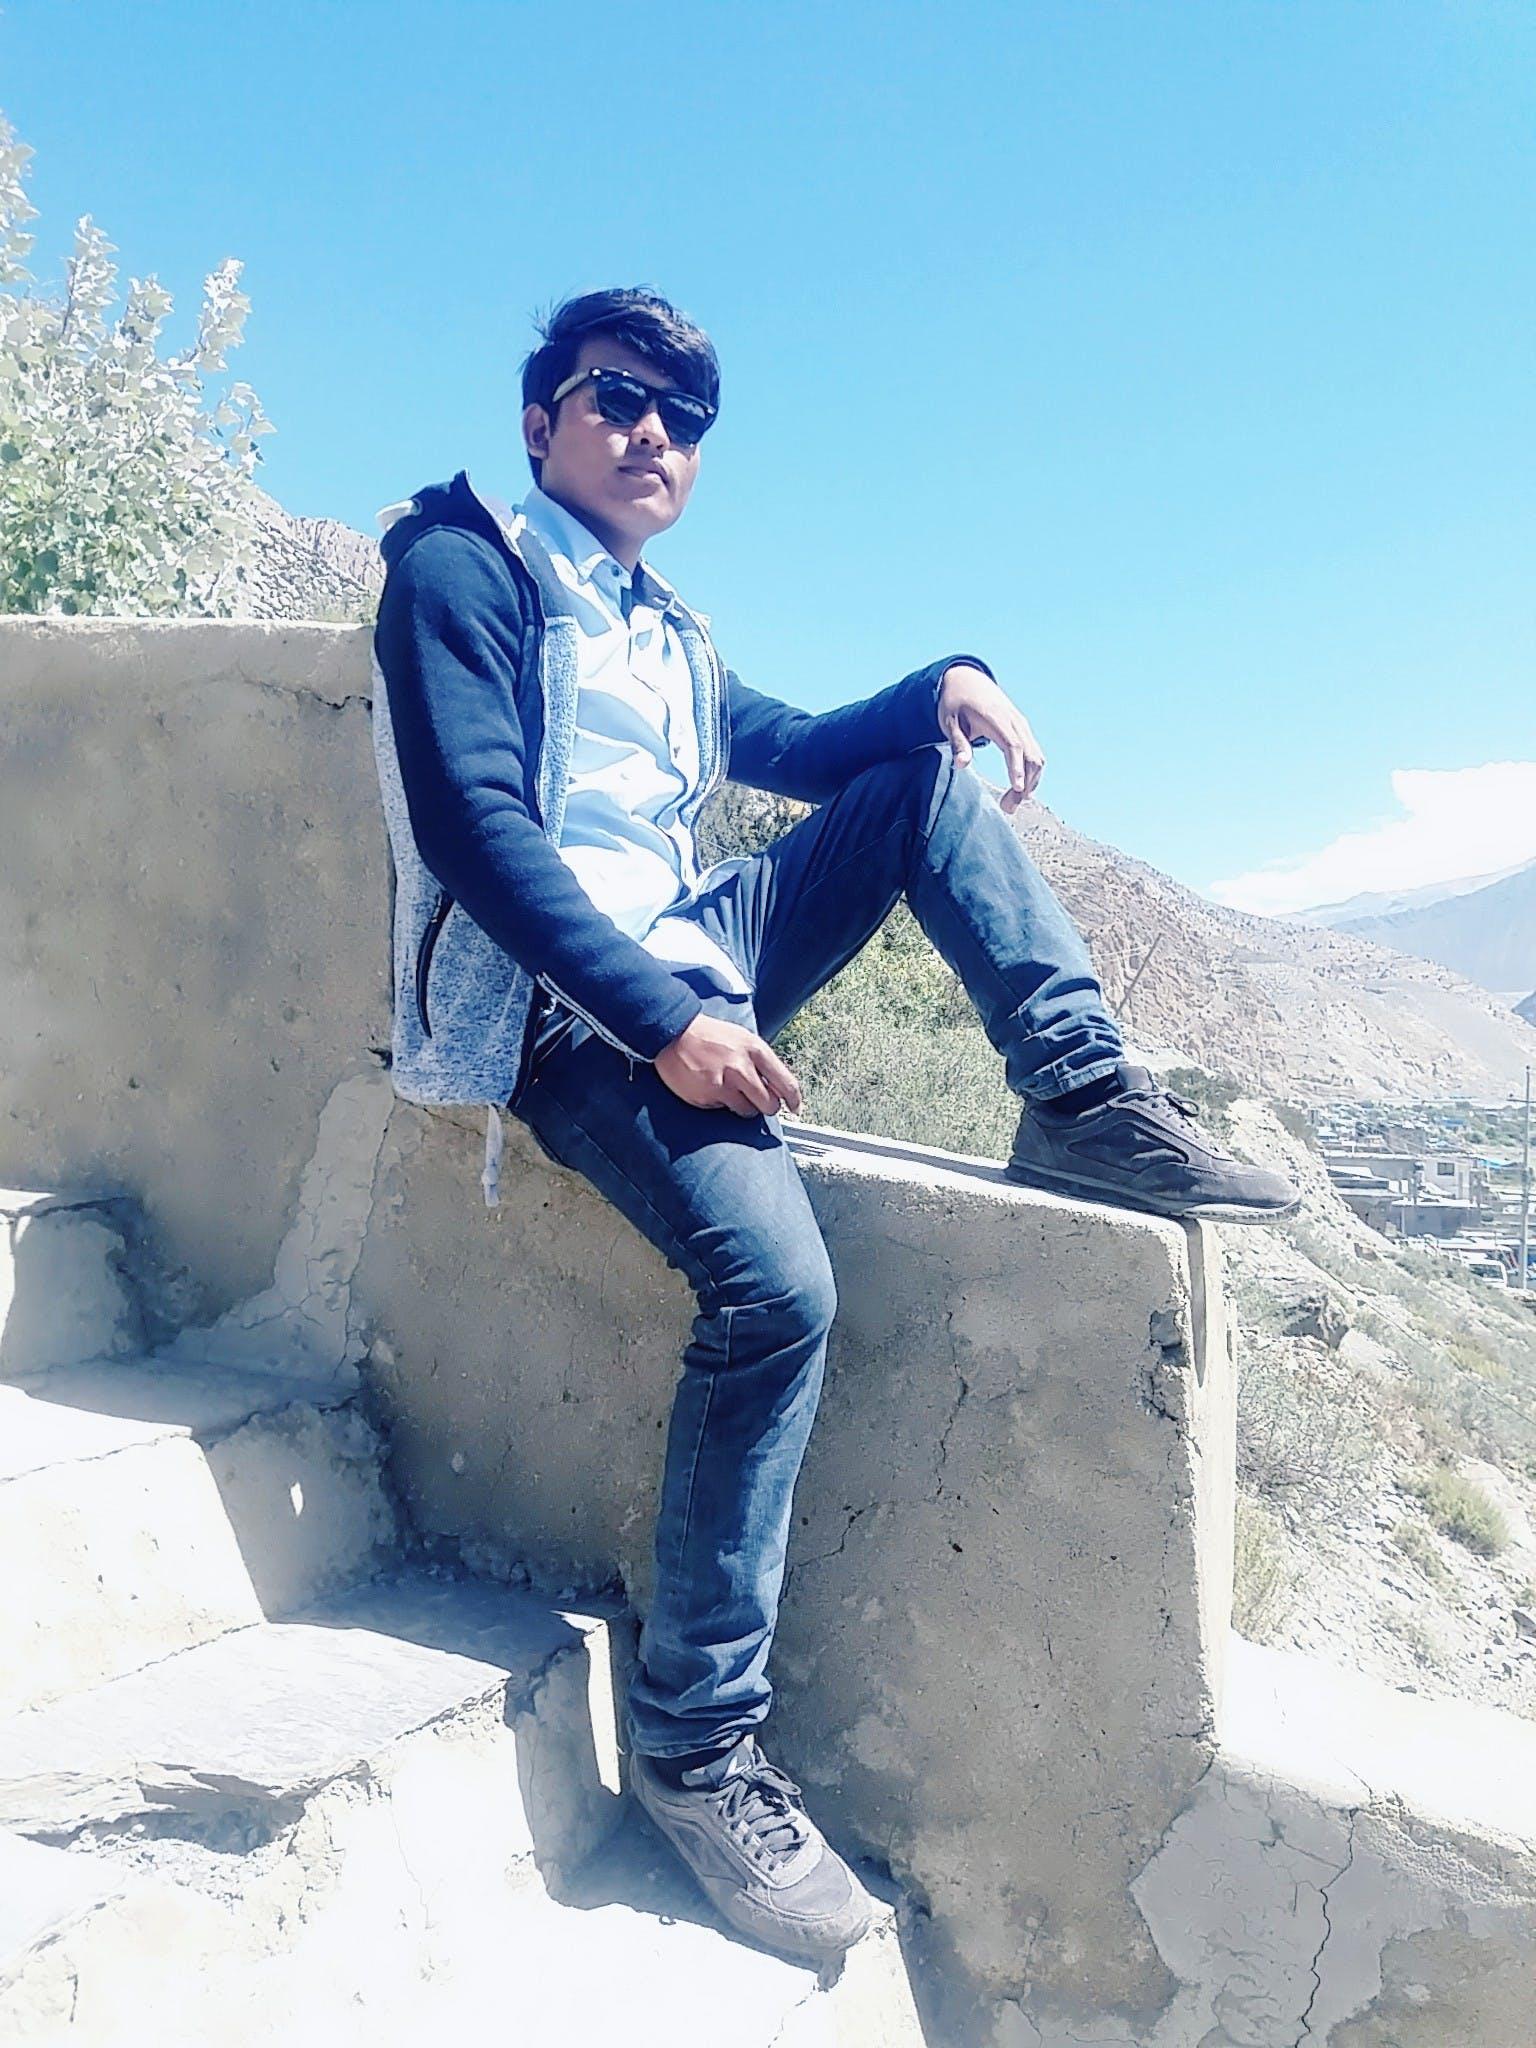 Free stock photo of Nepali model